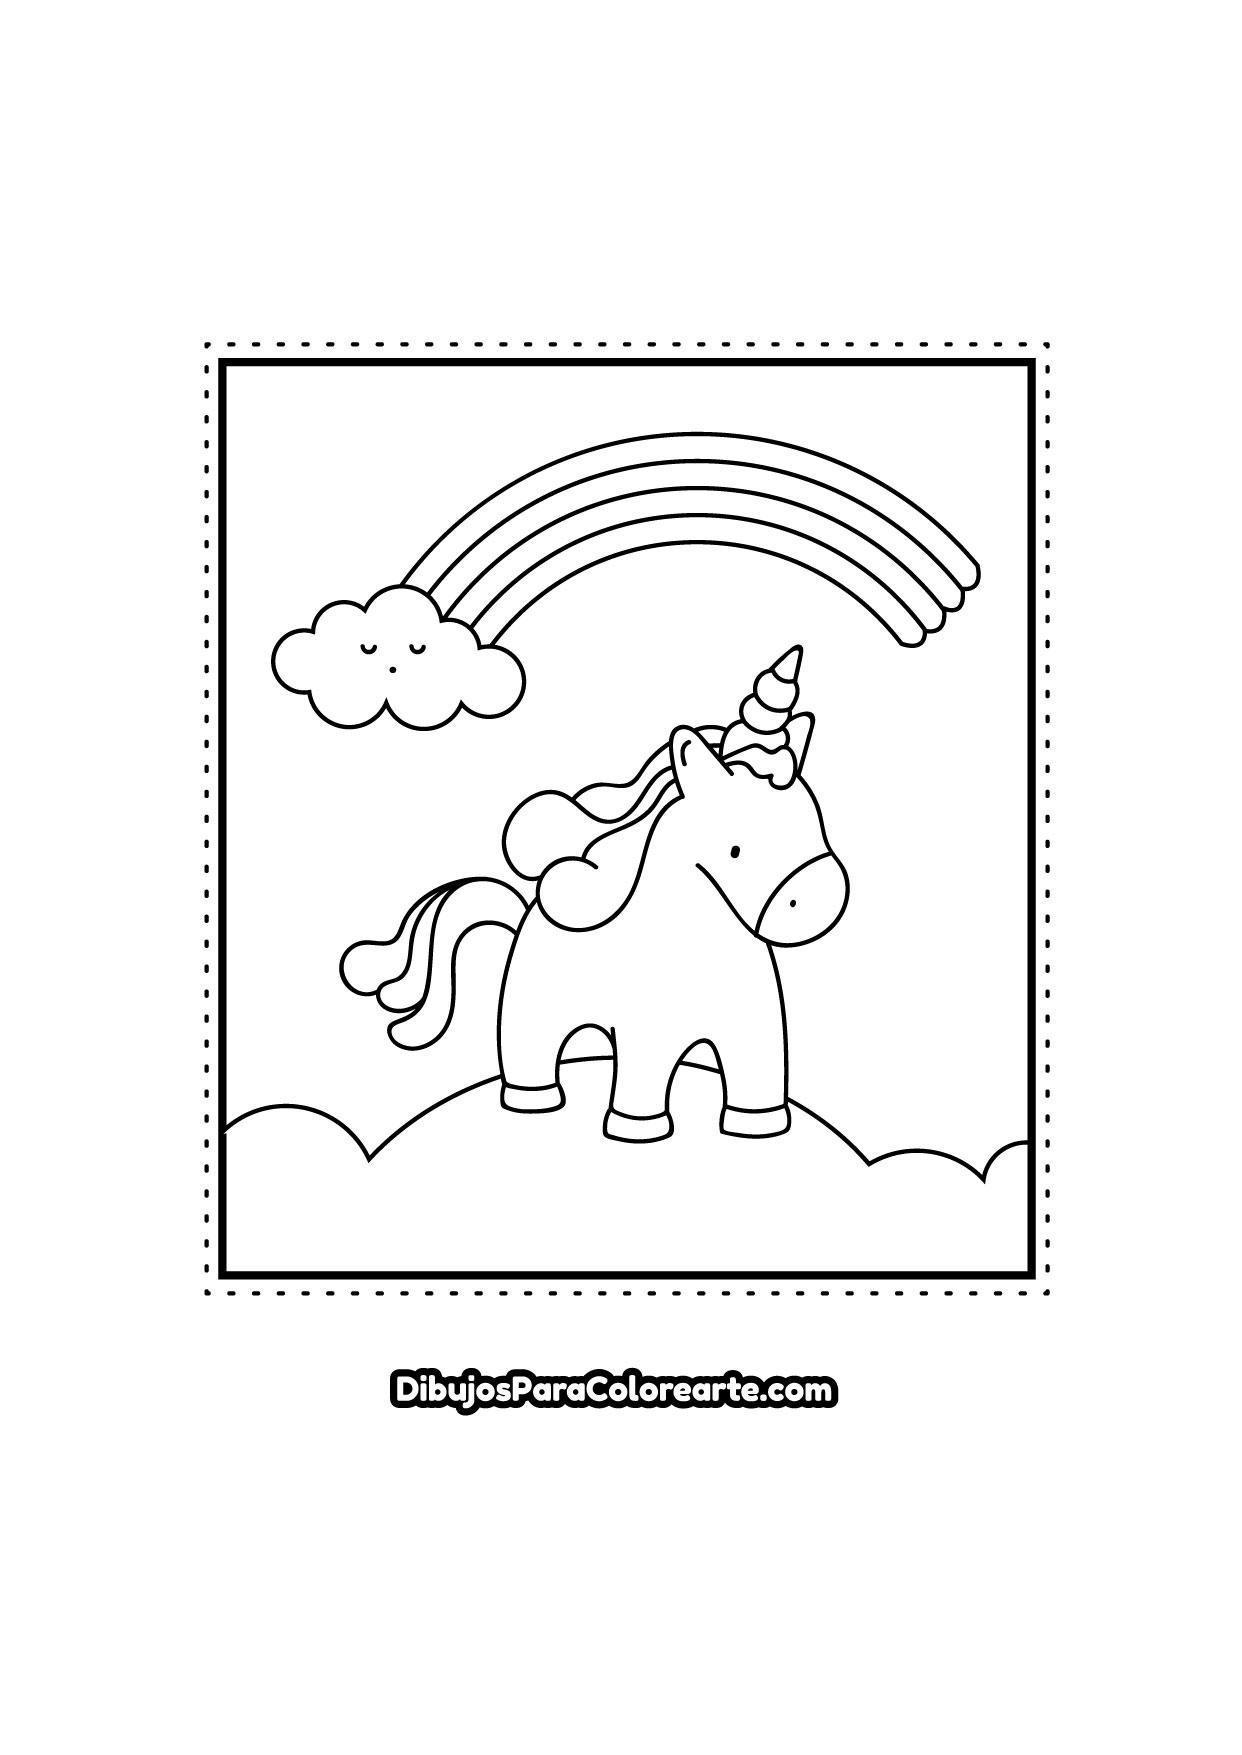 Dibujos Para Colorear Unicornios Bellísimos